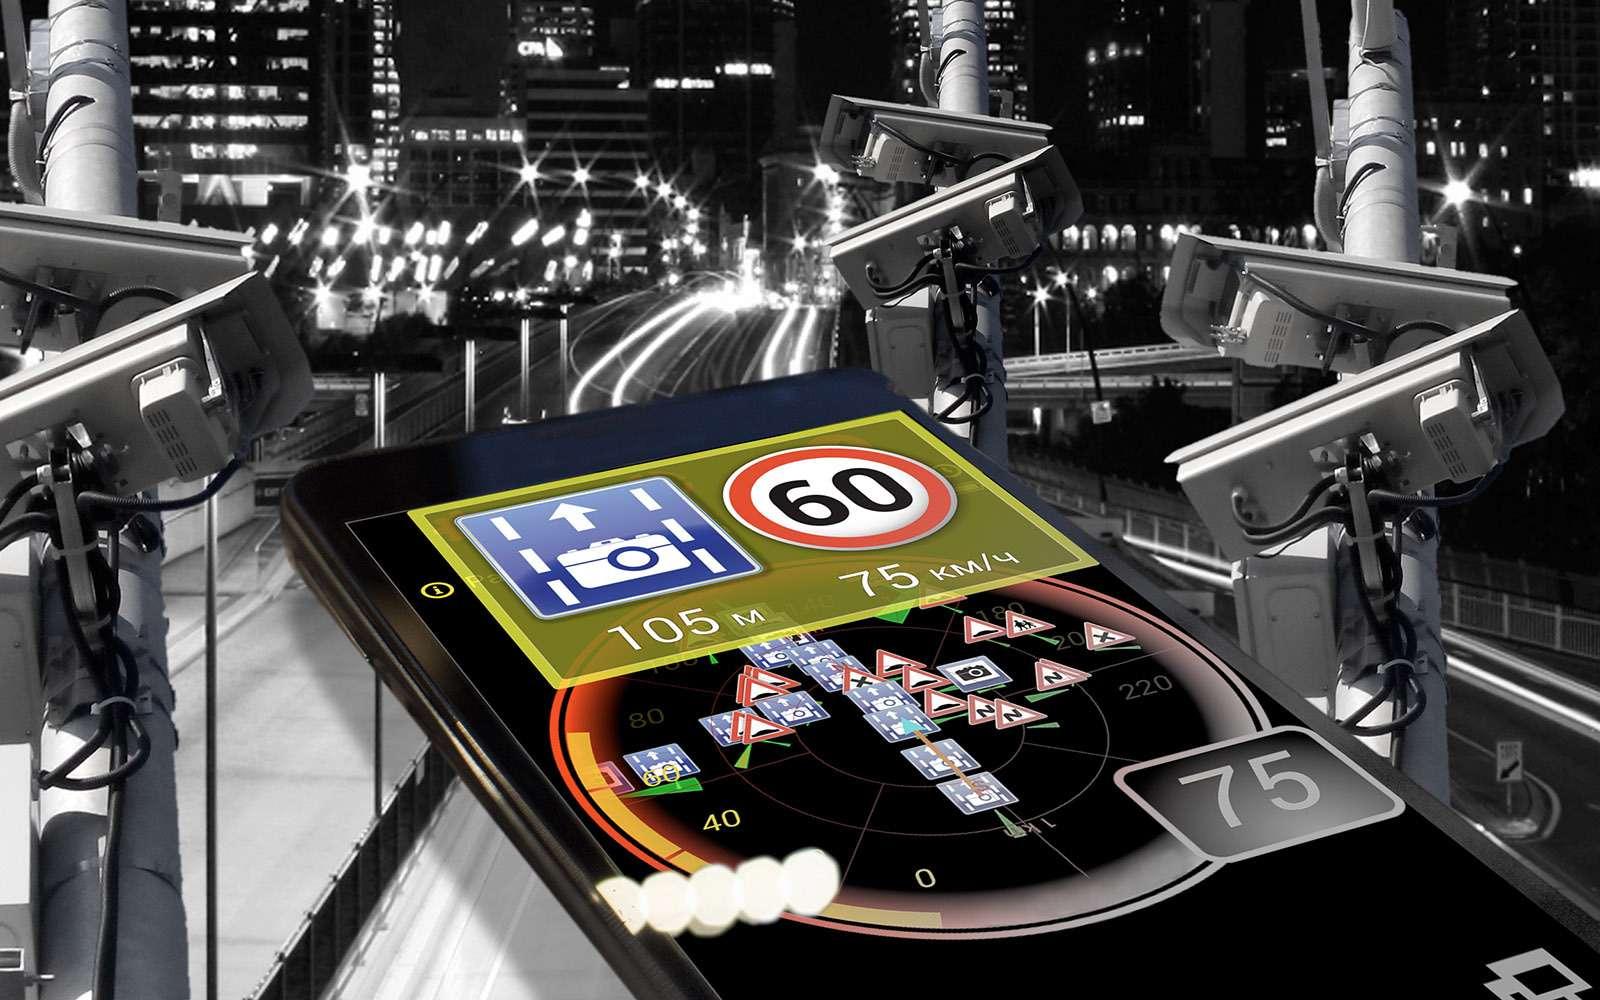 Смартфон вместо радар-детектора: тестируем мобильные приложения— фото 620570